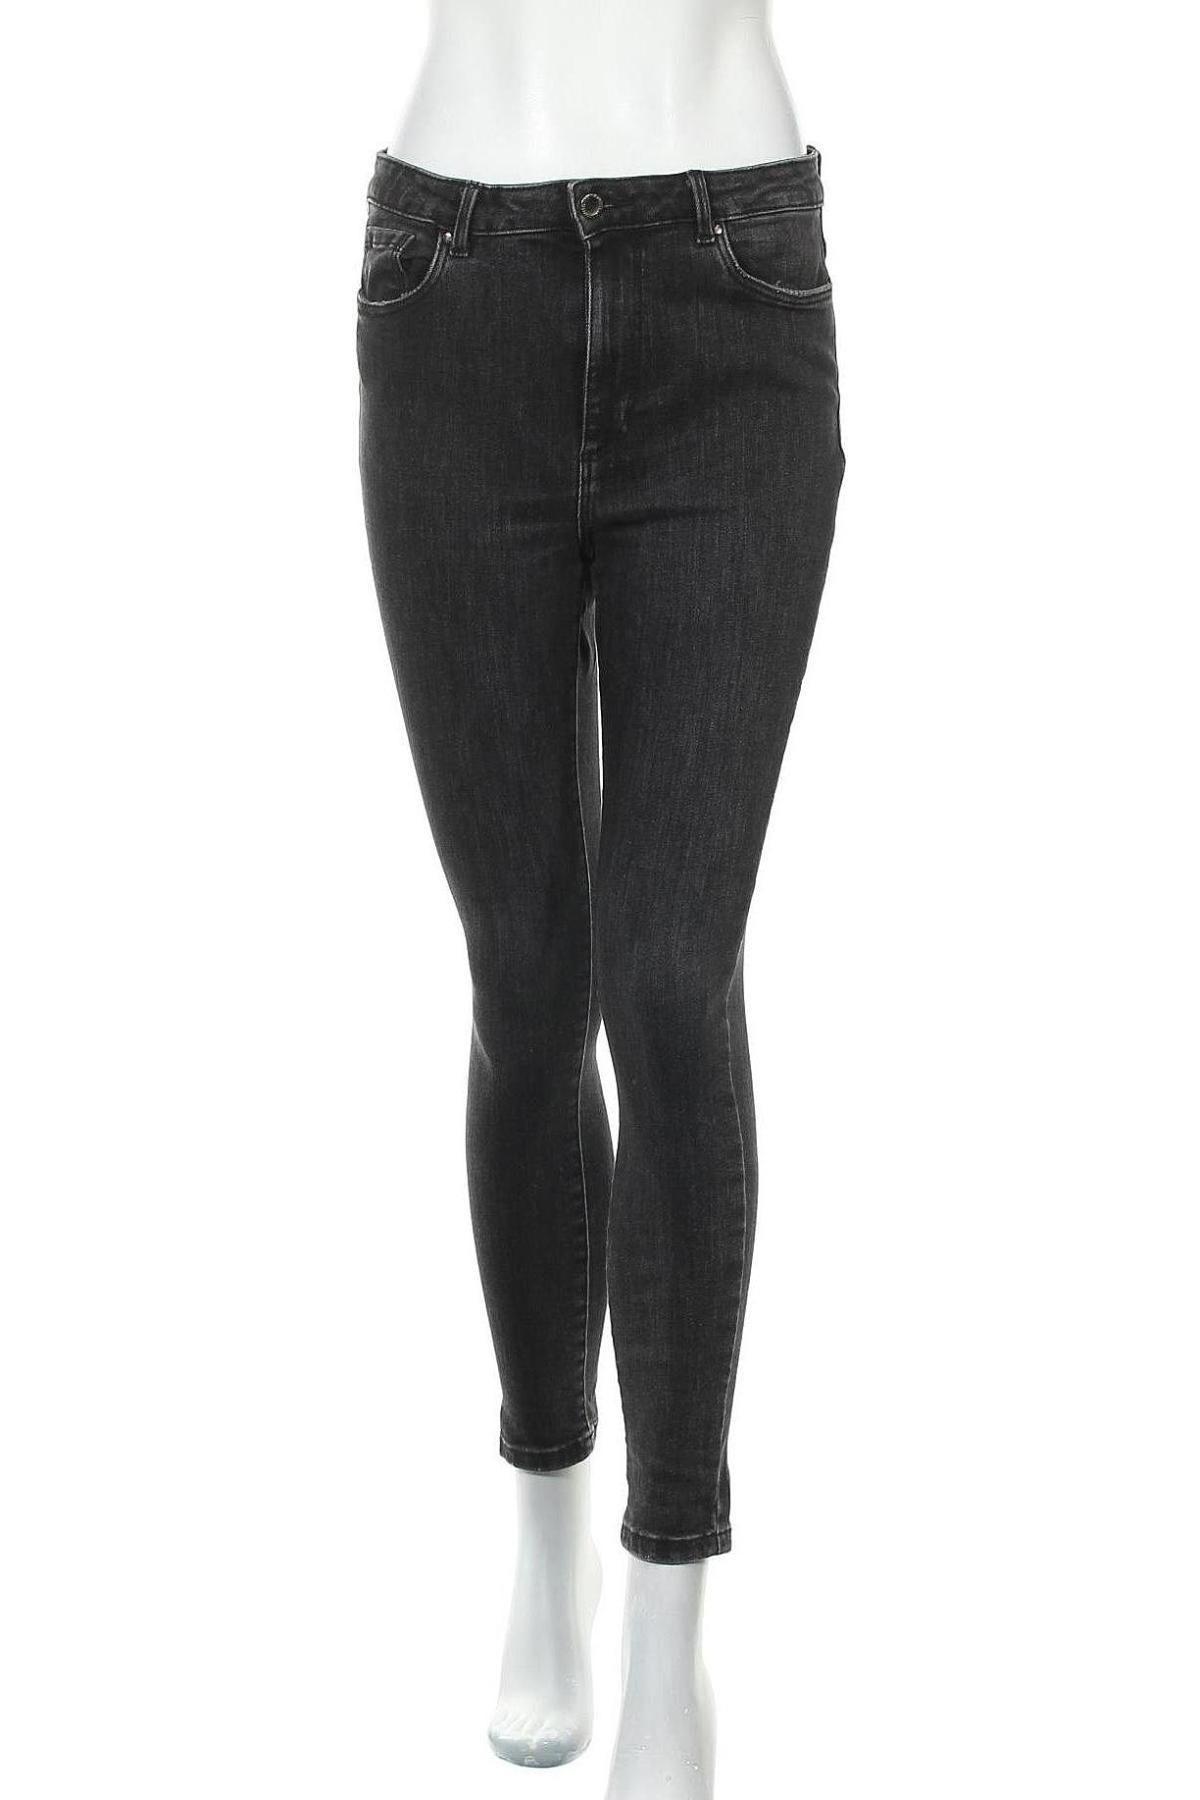 Дамски дънки Vero Moda, Размер M, Цвят Черен, 93% памук, 5% полиестер, 2% еластан, Цена 48,00лв.